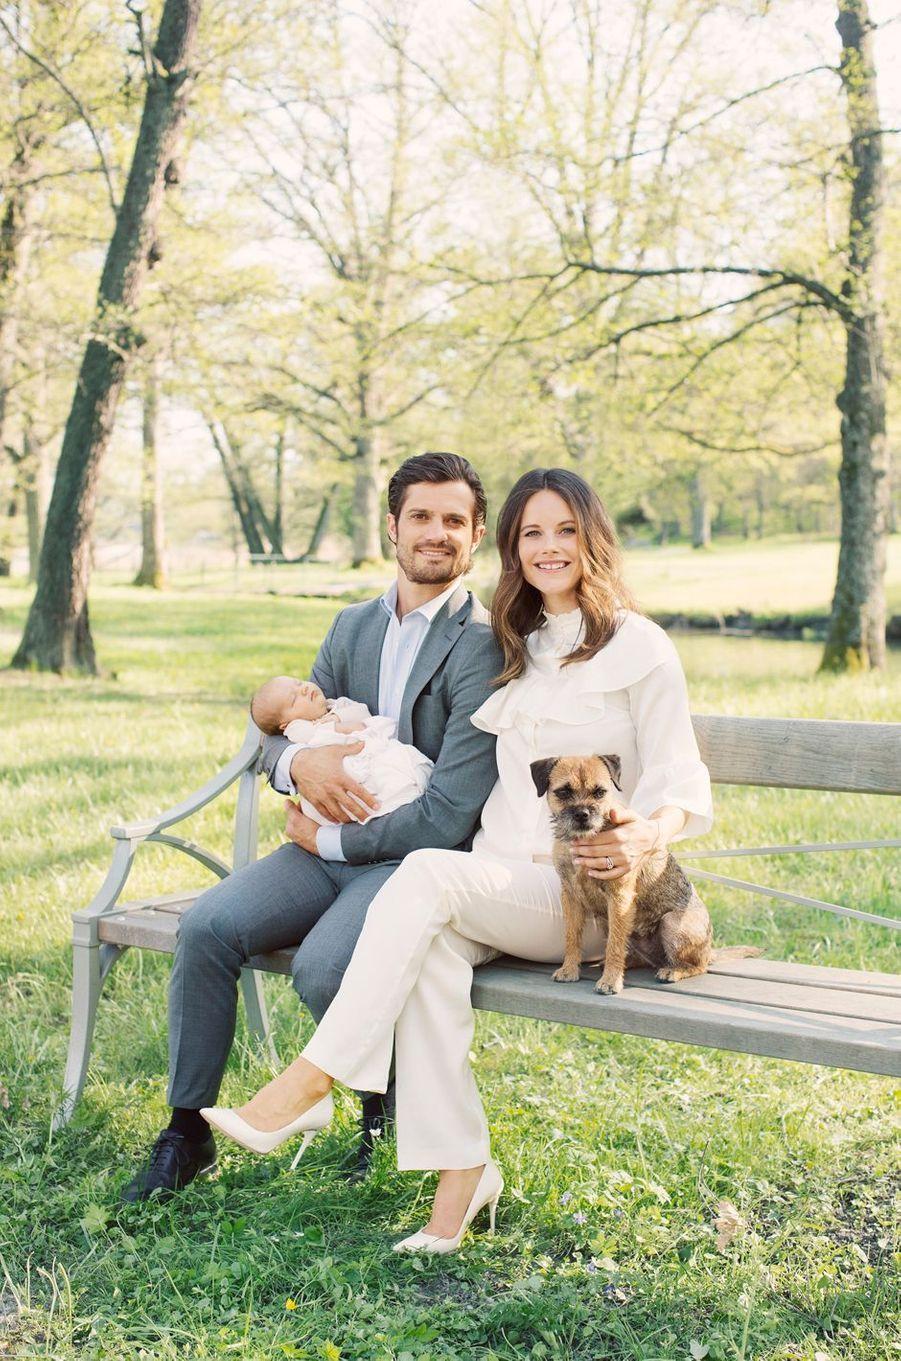 Le prince Alexander de Suède avec ses parents et leur chien Siri. Photo diffusée le 13 mai 2016